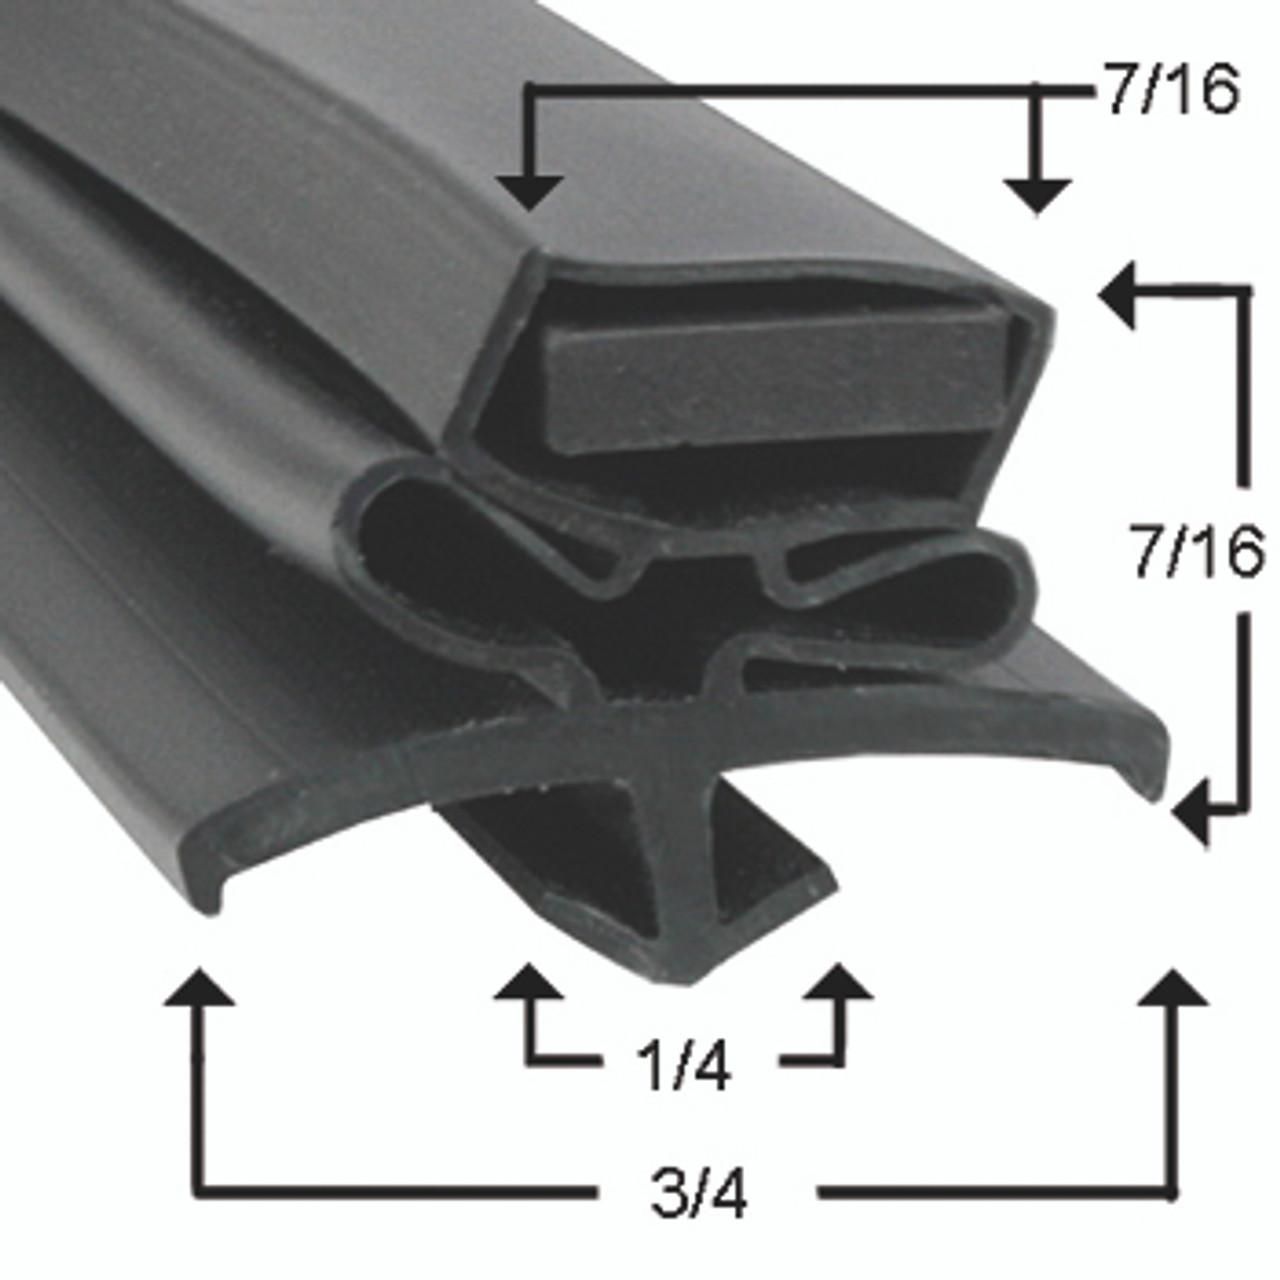 Beverage Air Door Gasket - Profile 016 24 3/4 x 66 1/2-404-230C